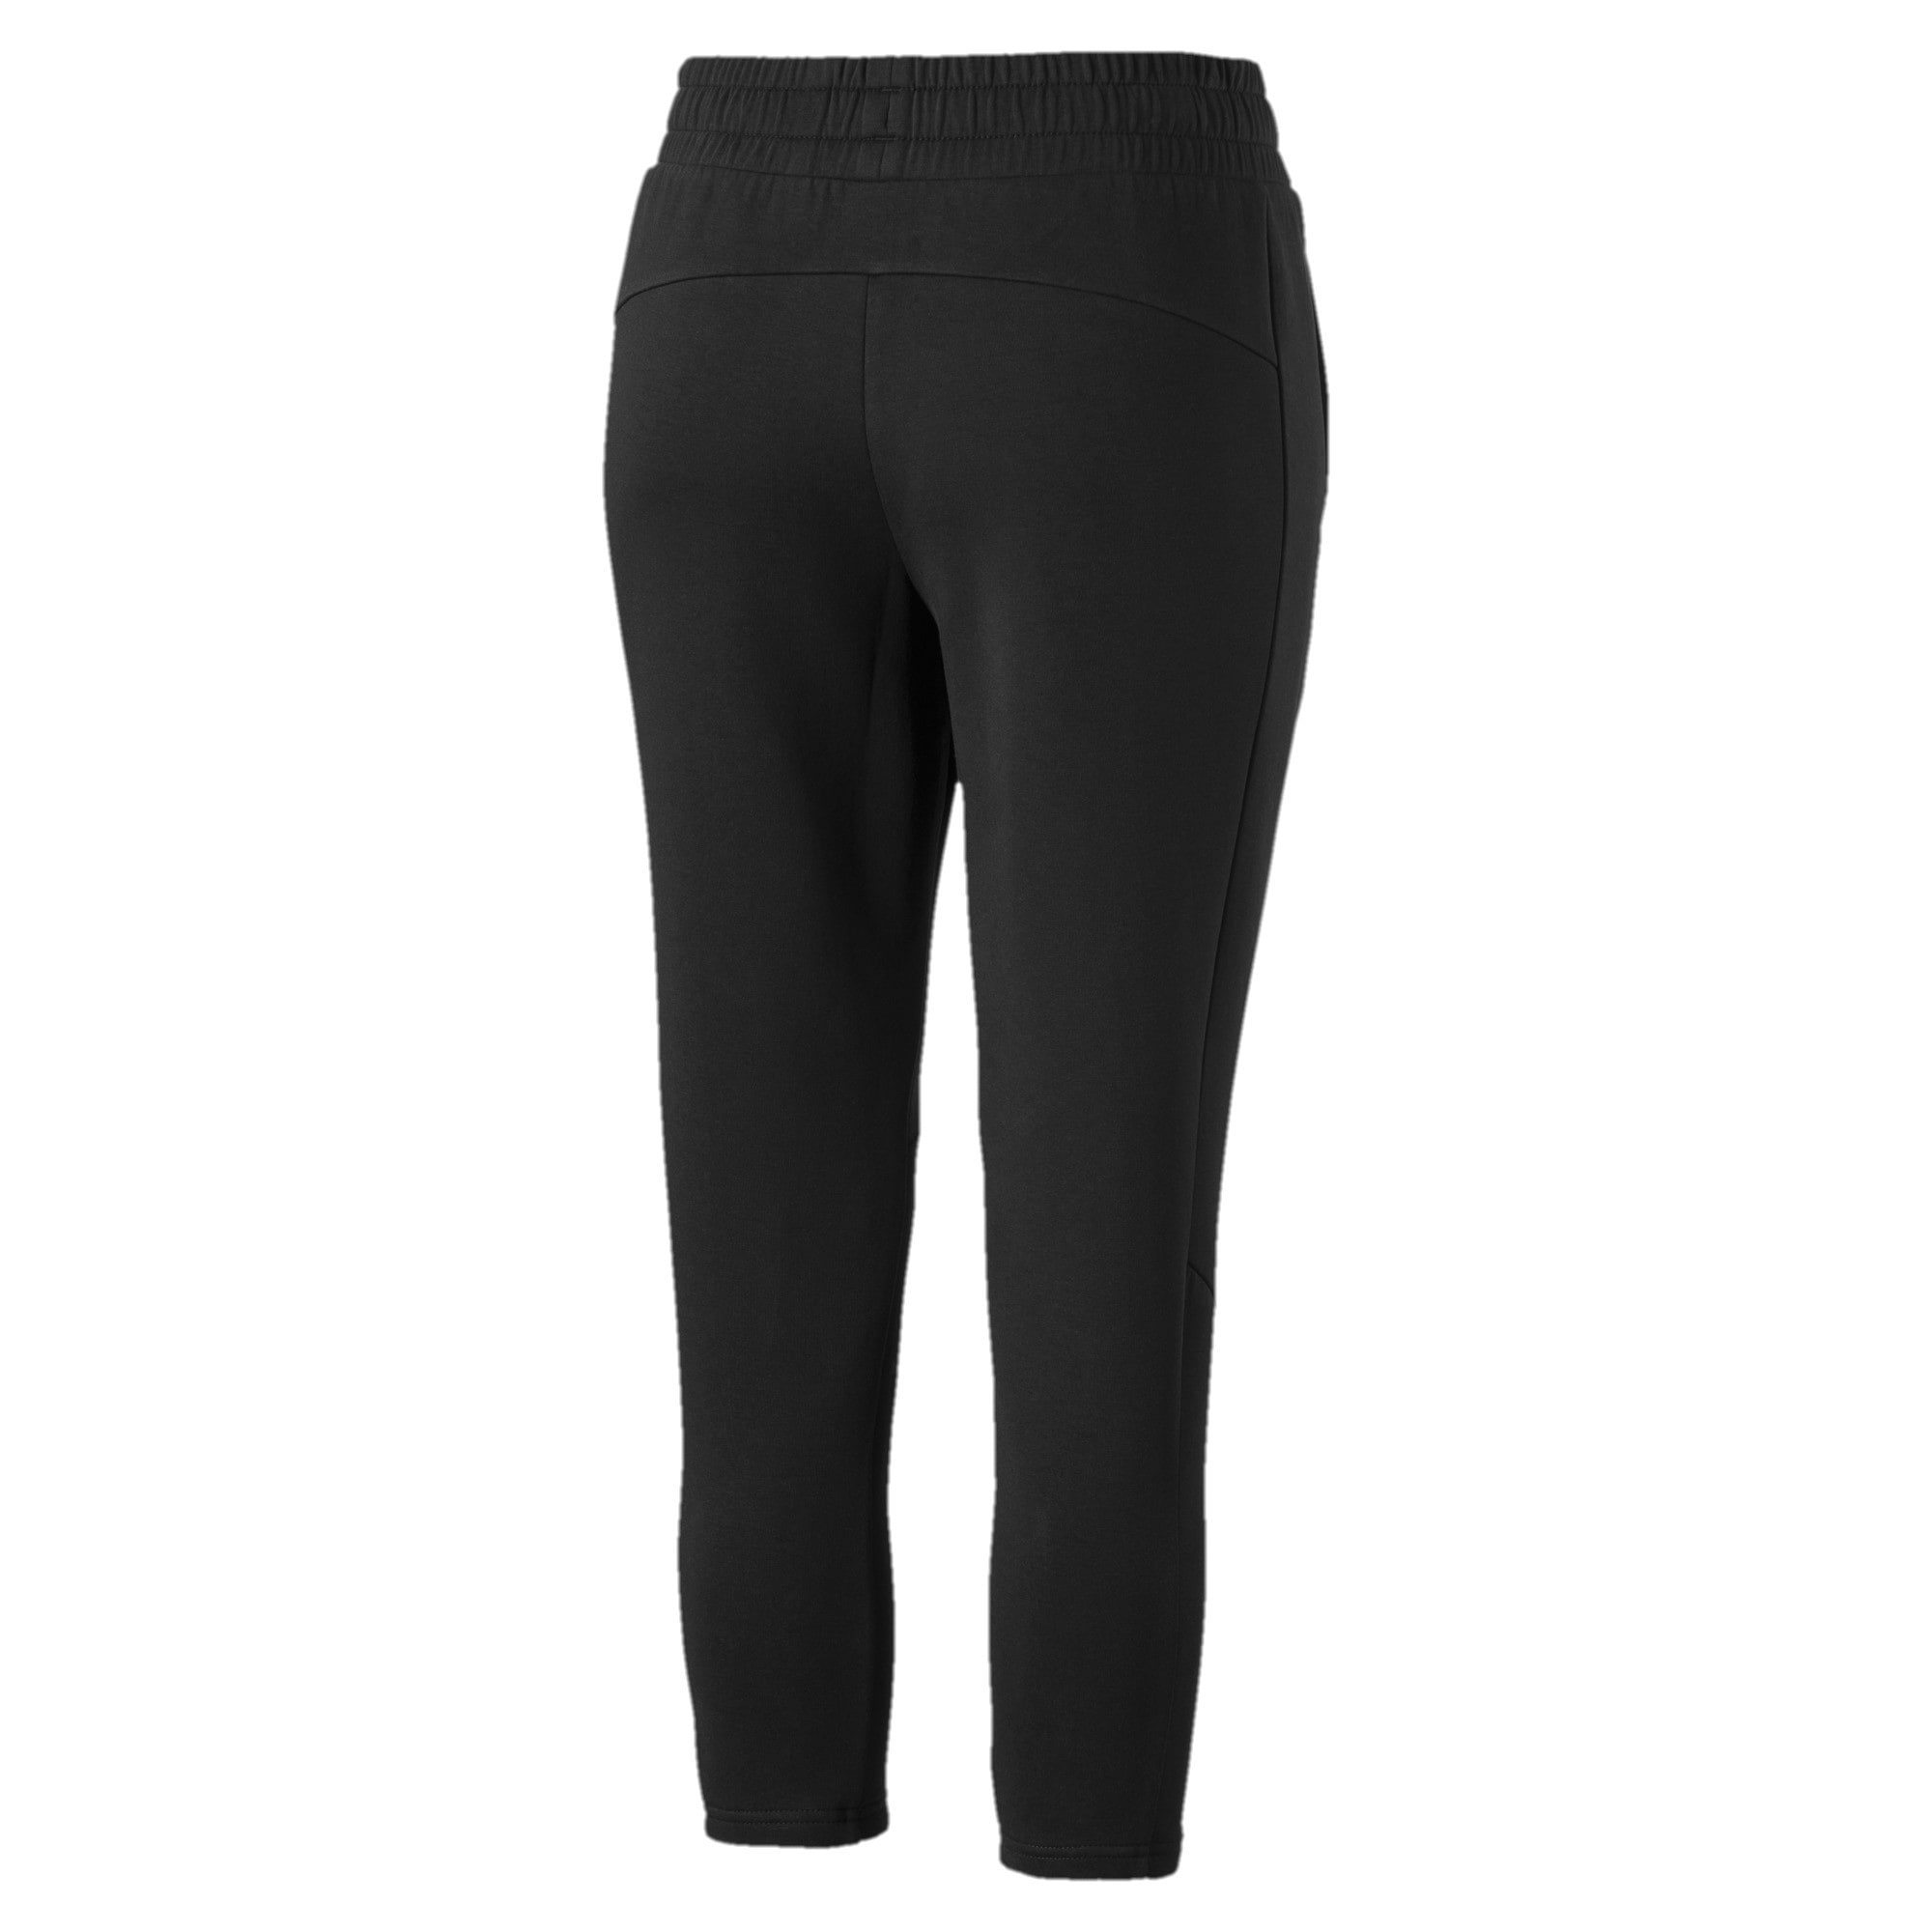 Thumbnail 5 of Evostripe Move Pants, Cotton Black, medium